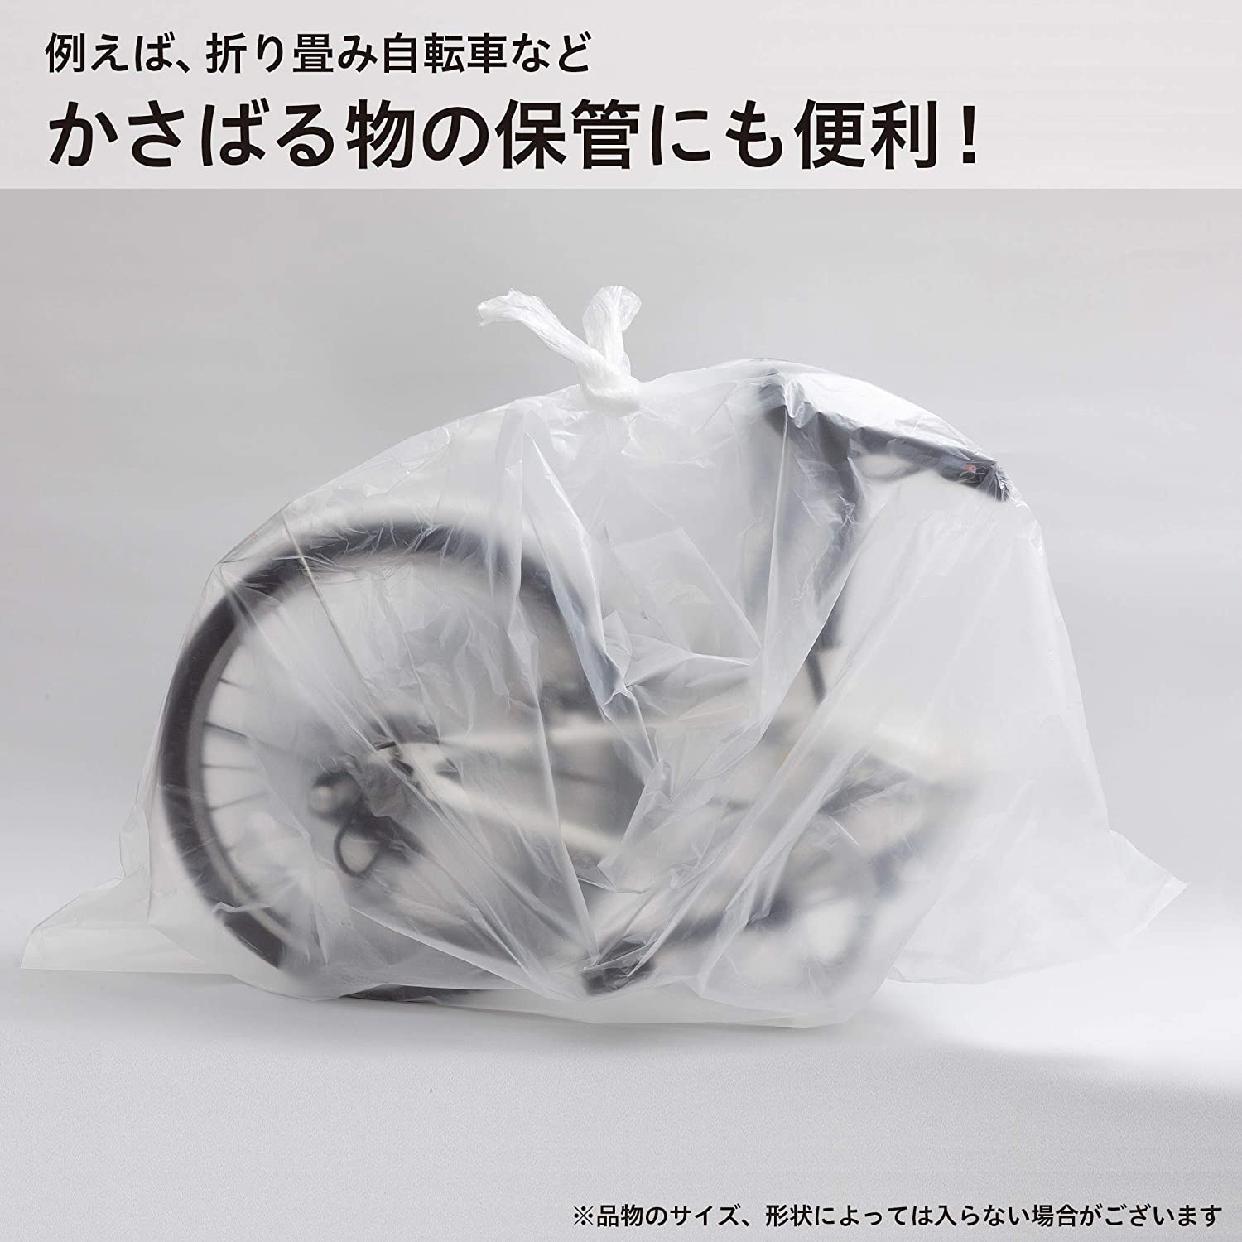 CHEMICAL JAPAN(ケミカルジャパン) 丈夫なポリ袋 HD-120の商品画像4